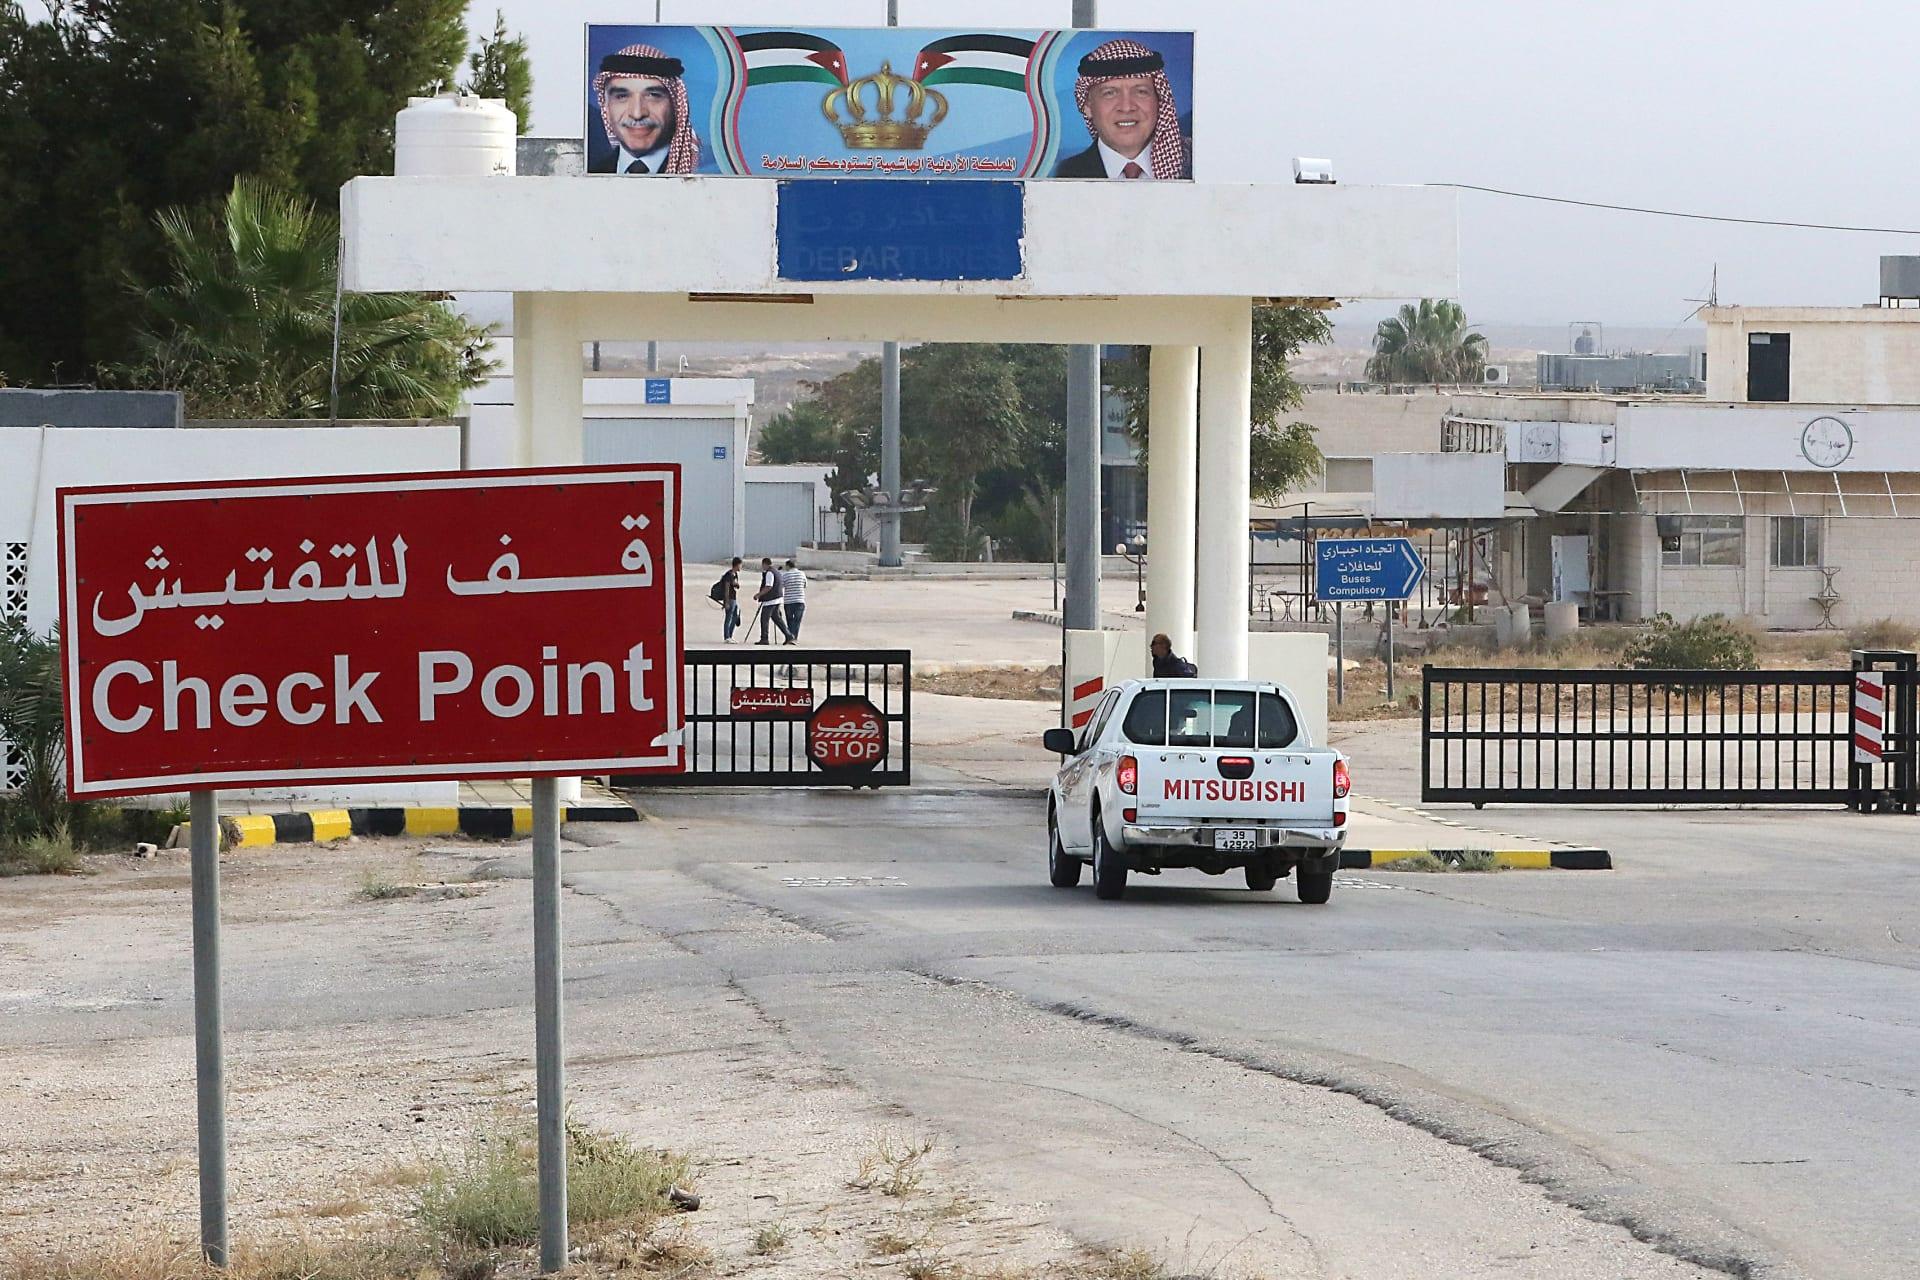 معبر جابر الحدودي بين الأردن وسوريا (معبر نصيب في الجانب السوري) يوم إعادة فتحه في 15 تشرين الأول 2018 في محافظة المفرق الأردنية.